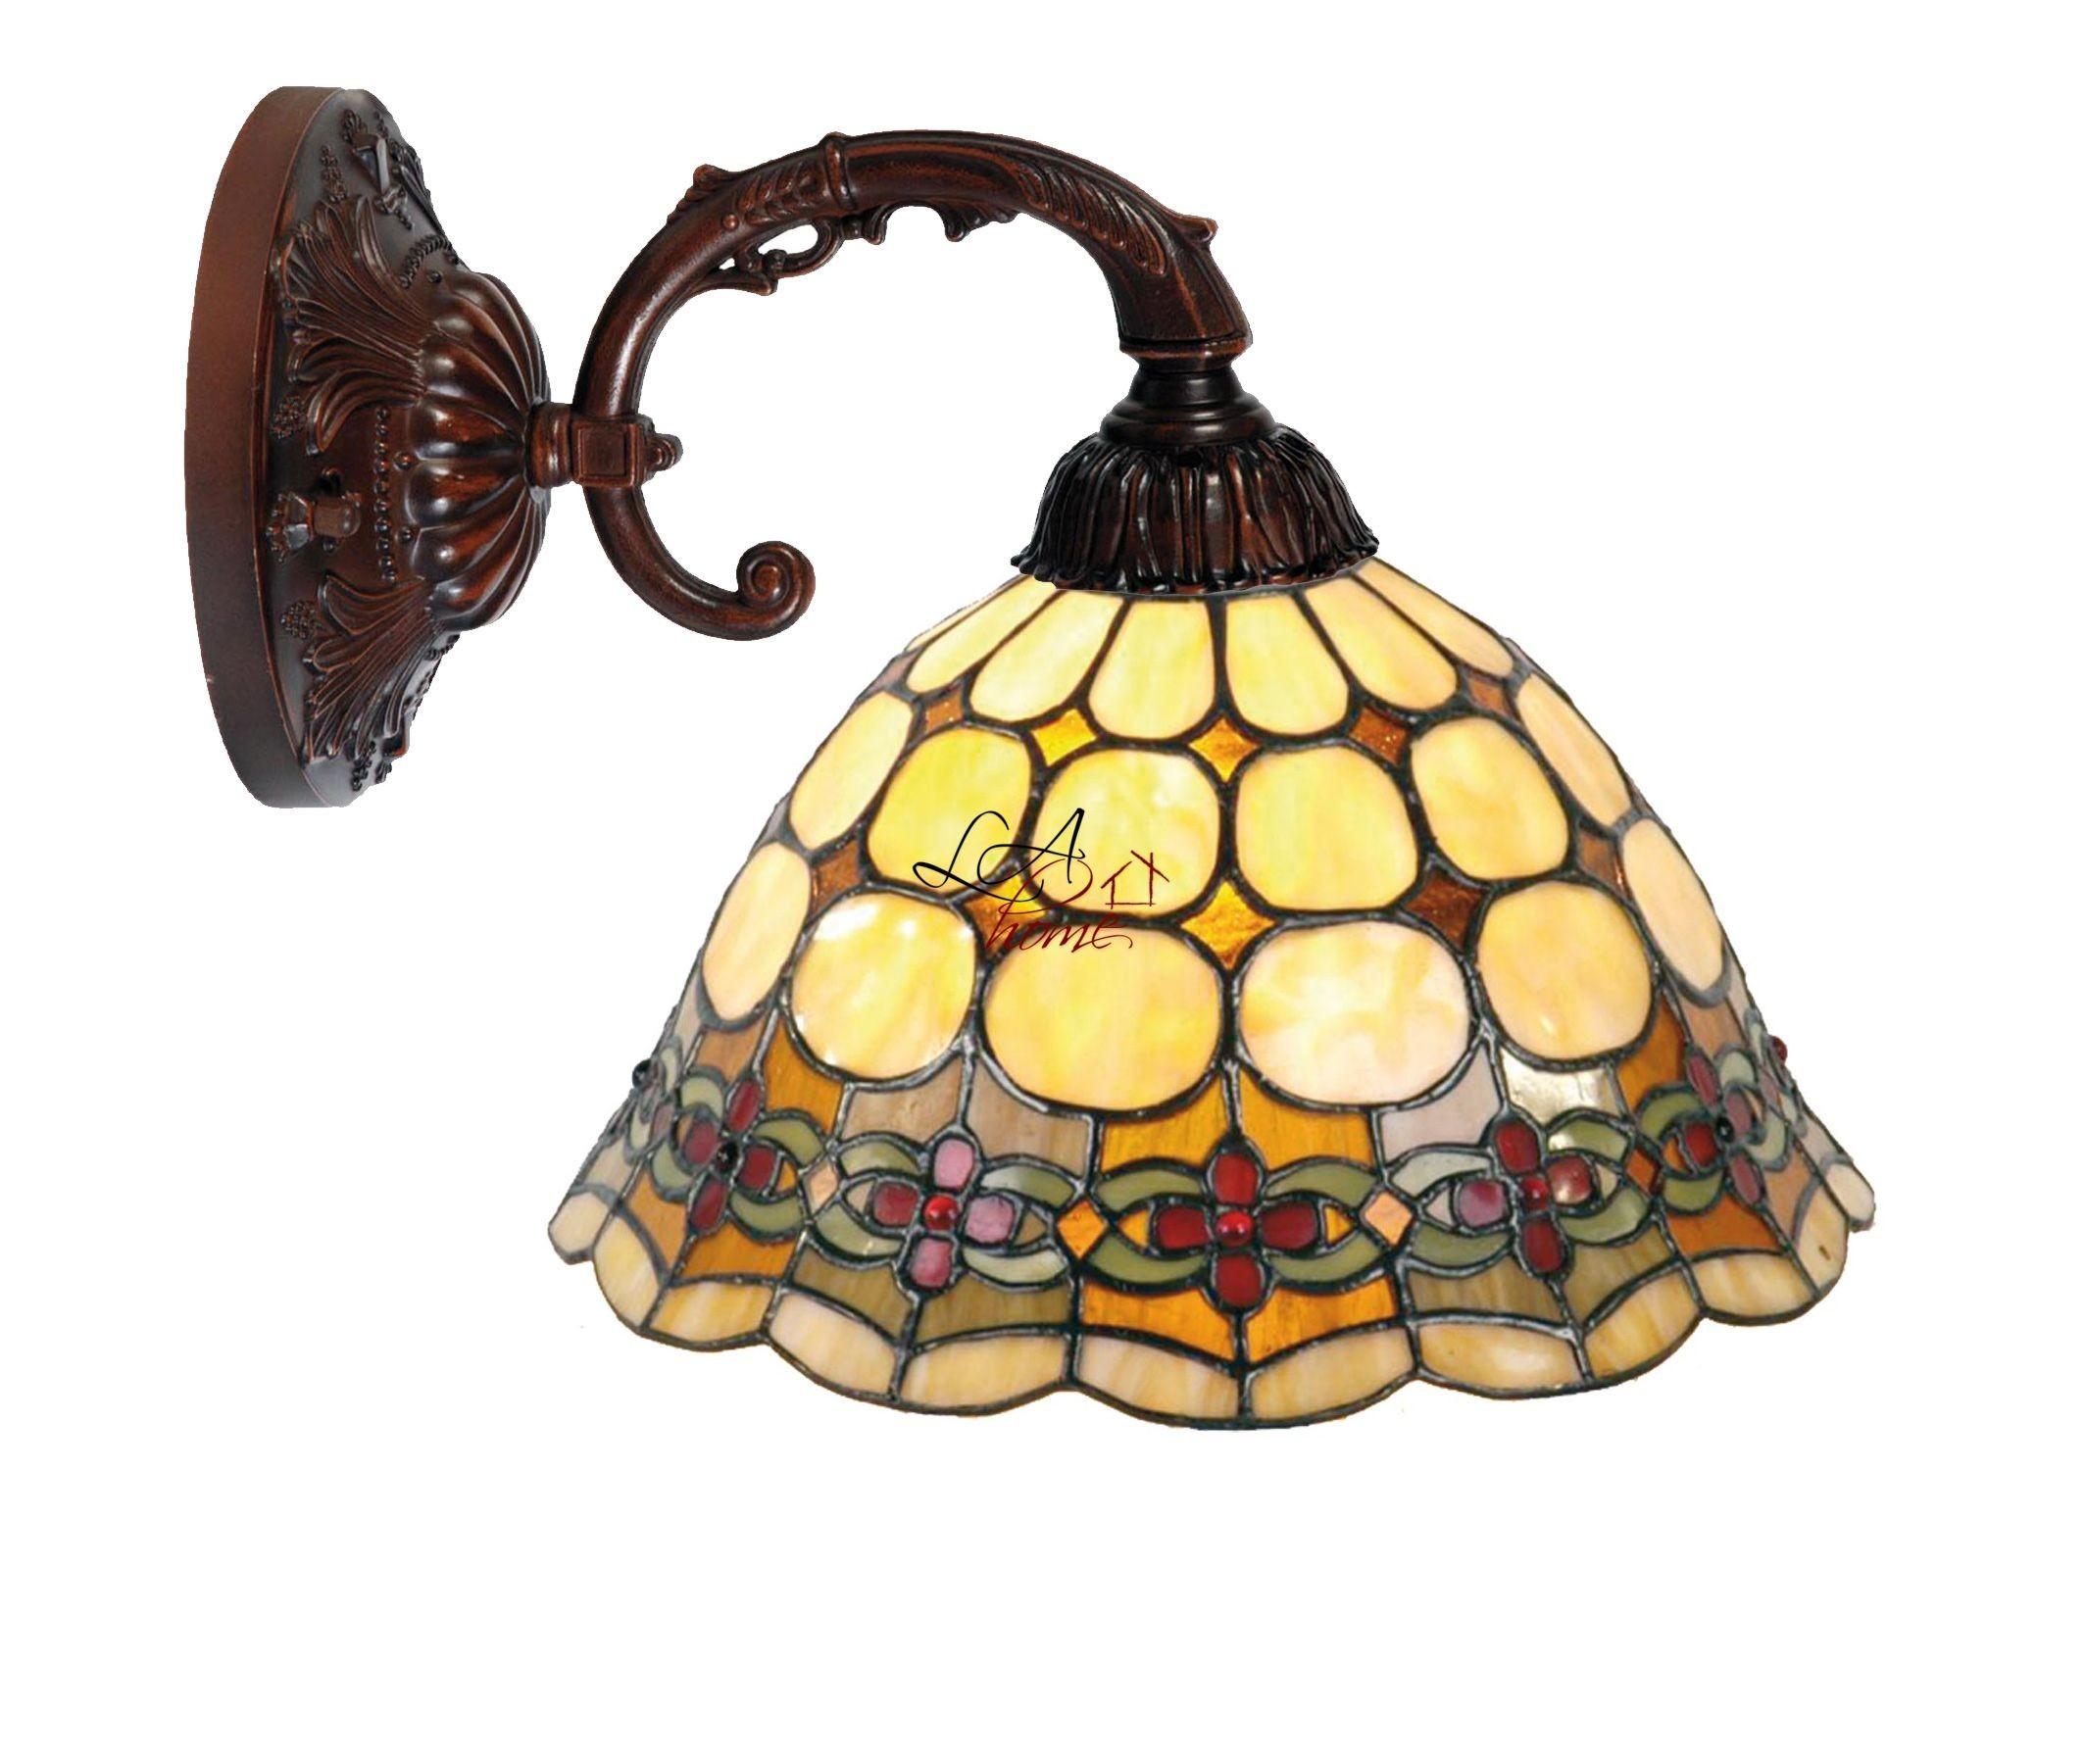 Nástěnná lampa Tiffany Oxford - Ø 25*23 cm